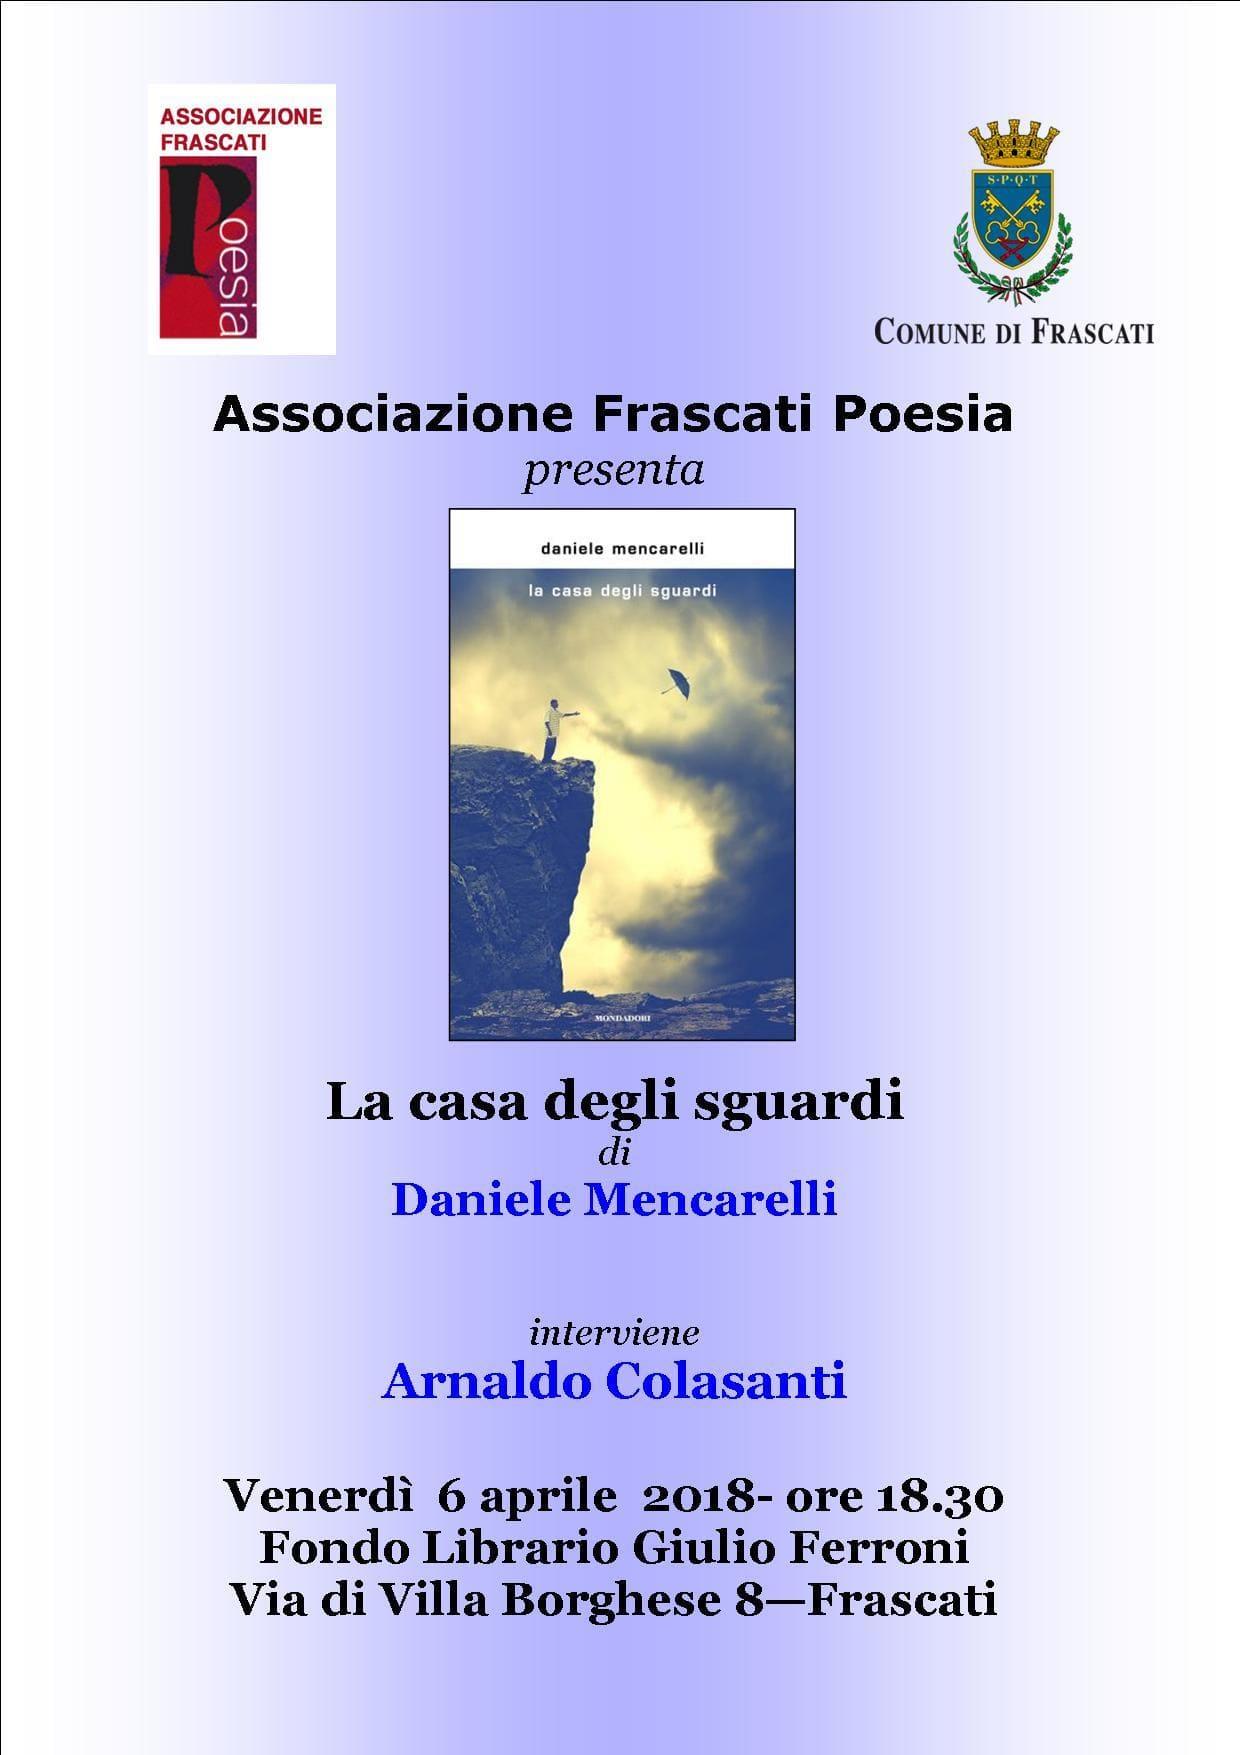 Gli scrittori si raccontano: Daniele Mencarelli - La casa degli sguardi